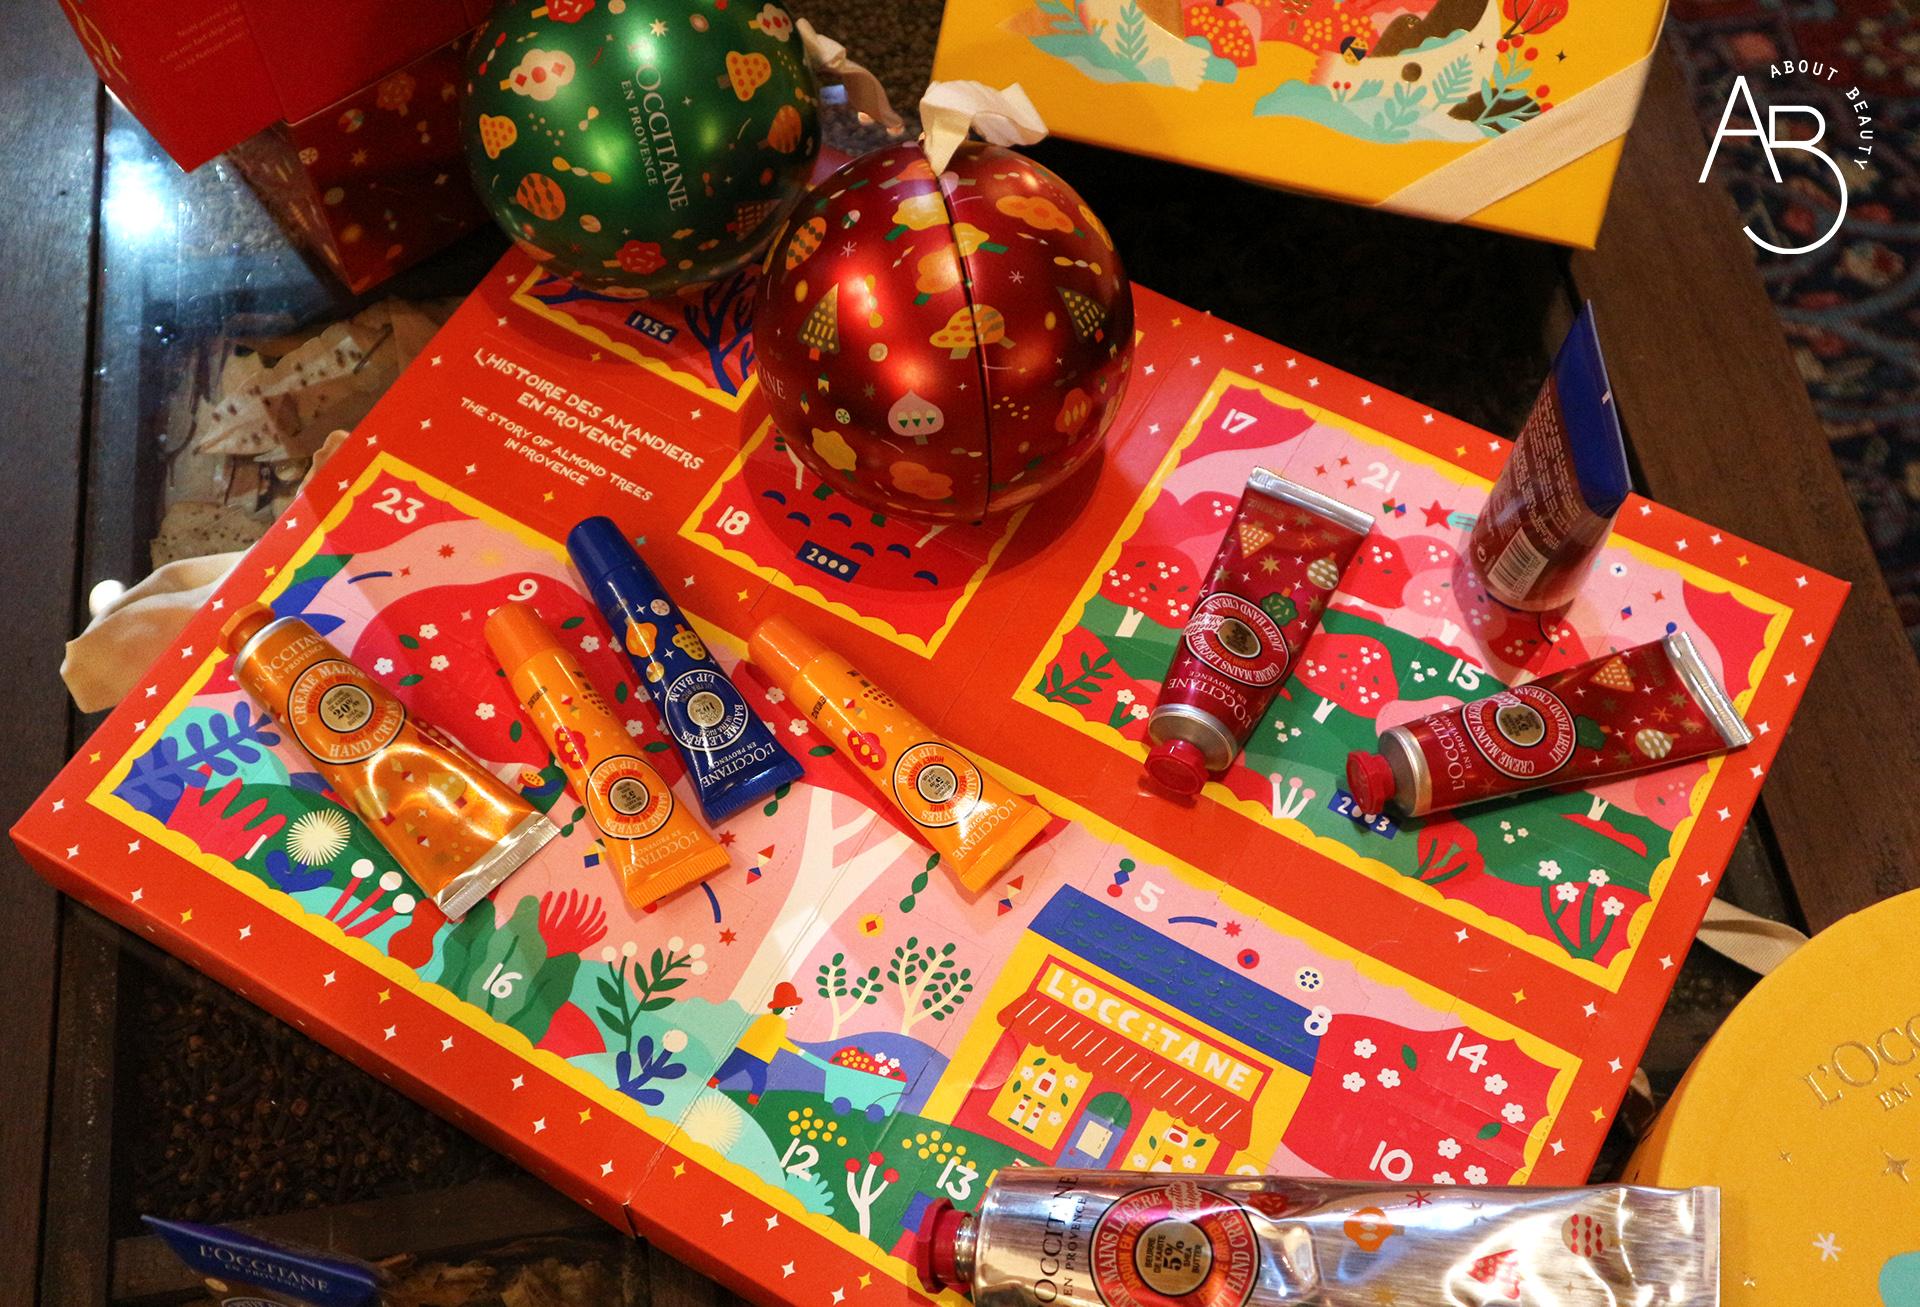 Novita L'Occitane Natale 2019 - Info foto opinioni recensioni review profumi calendari avvento prezzo cofanetti idee regalo - calendario